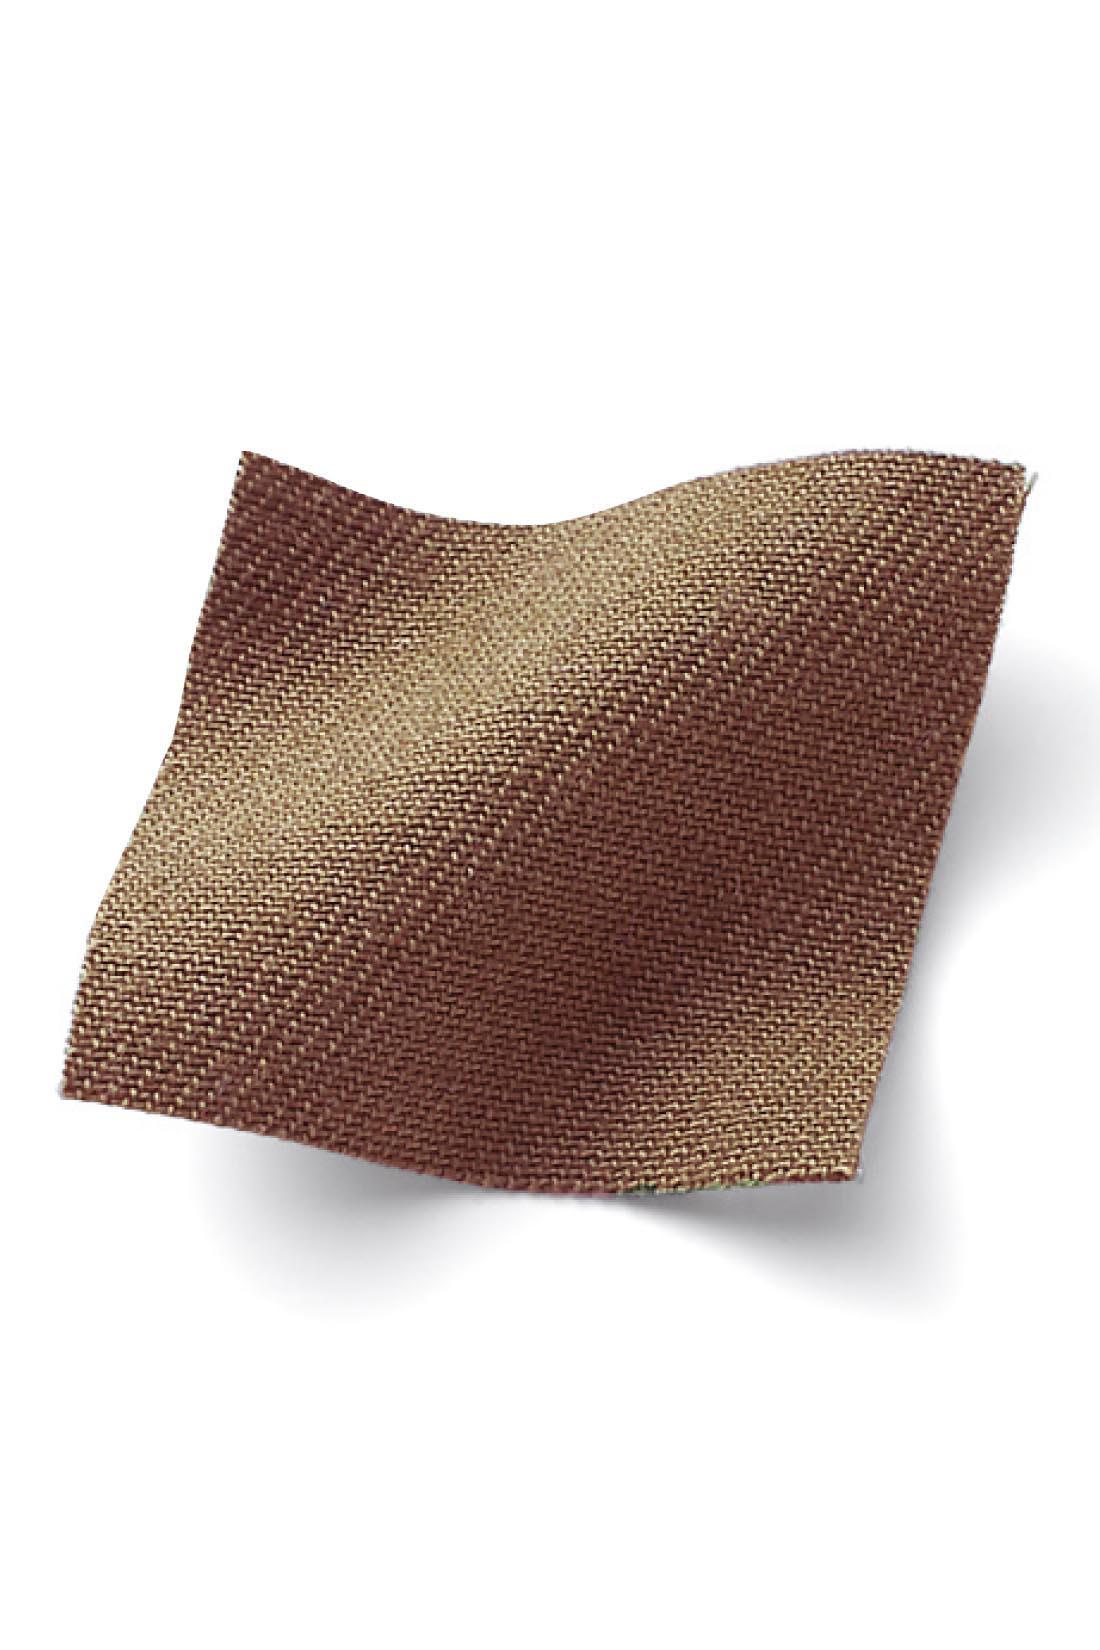 さわやかなコットン100%のバックサテン生地に洗いをかけた素材は、きれいめでこなれた印象。